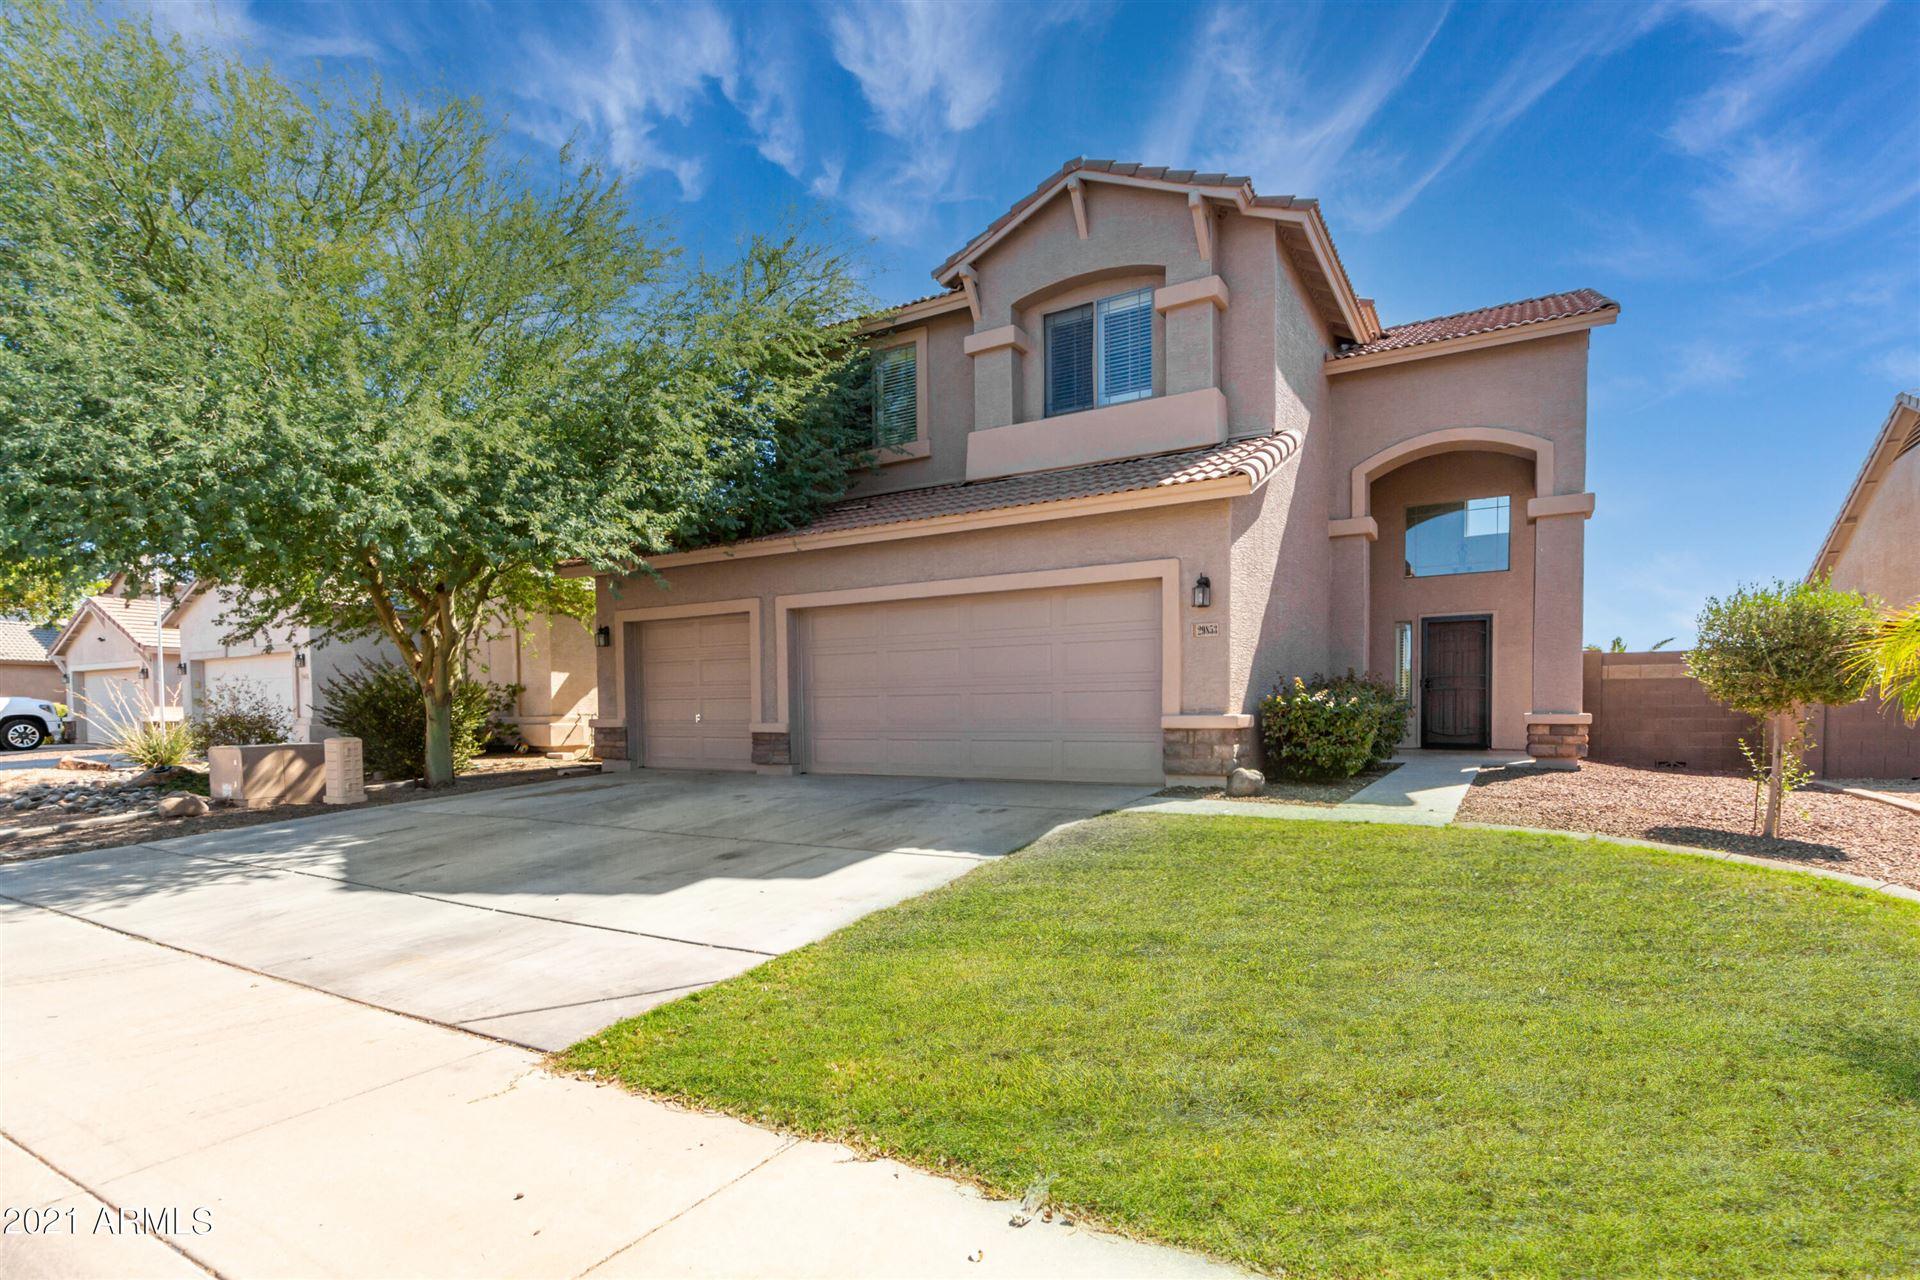 Photo of 29853 W MITCHELL Avenue, Buckeye, AZ 85396 (MLS # 6305872)